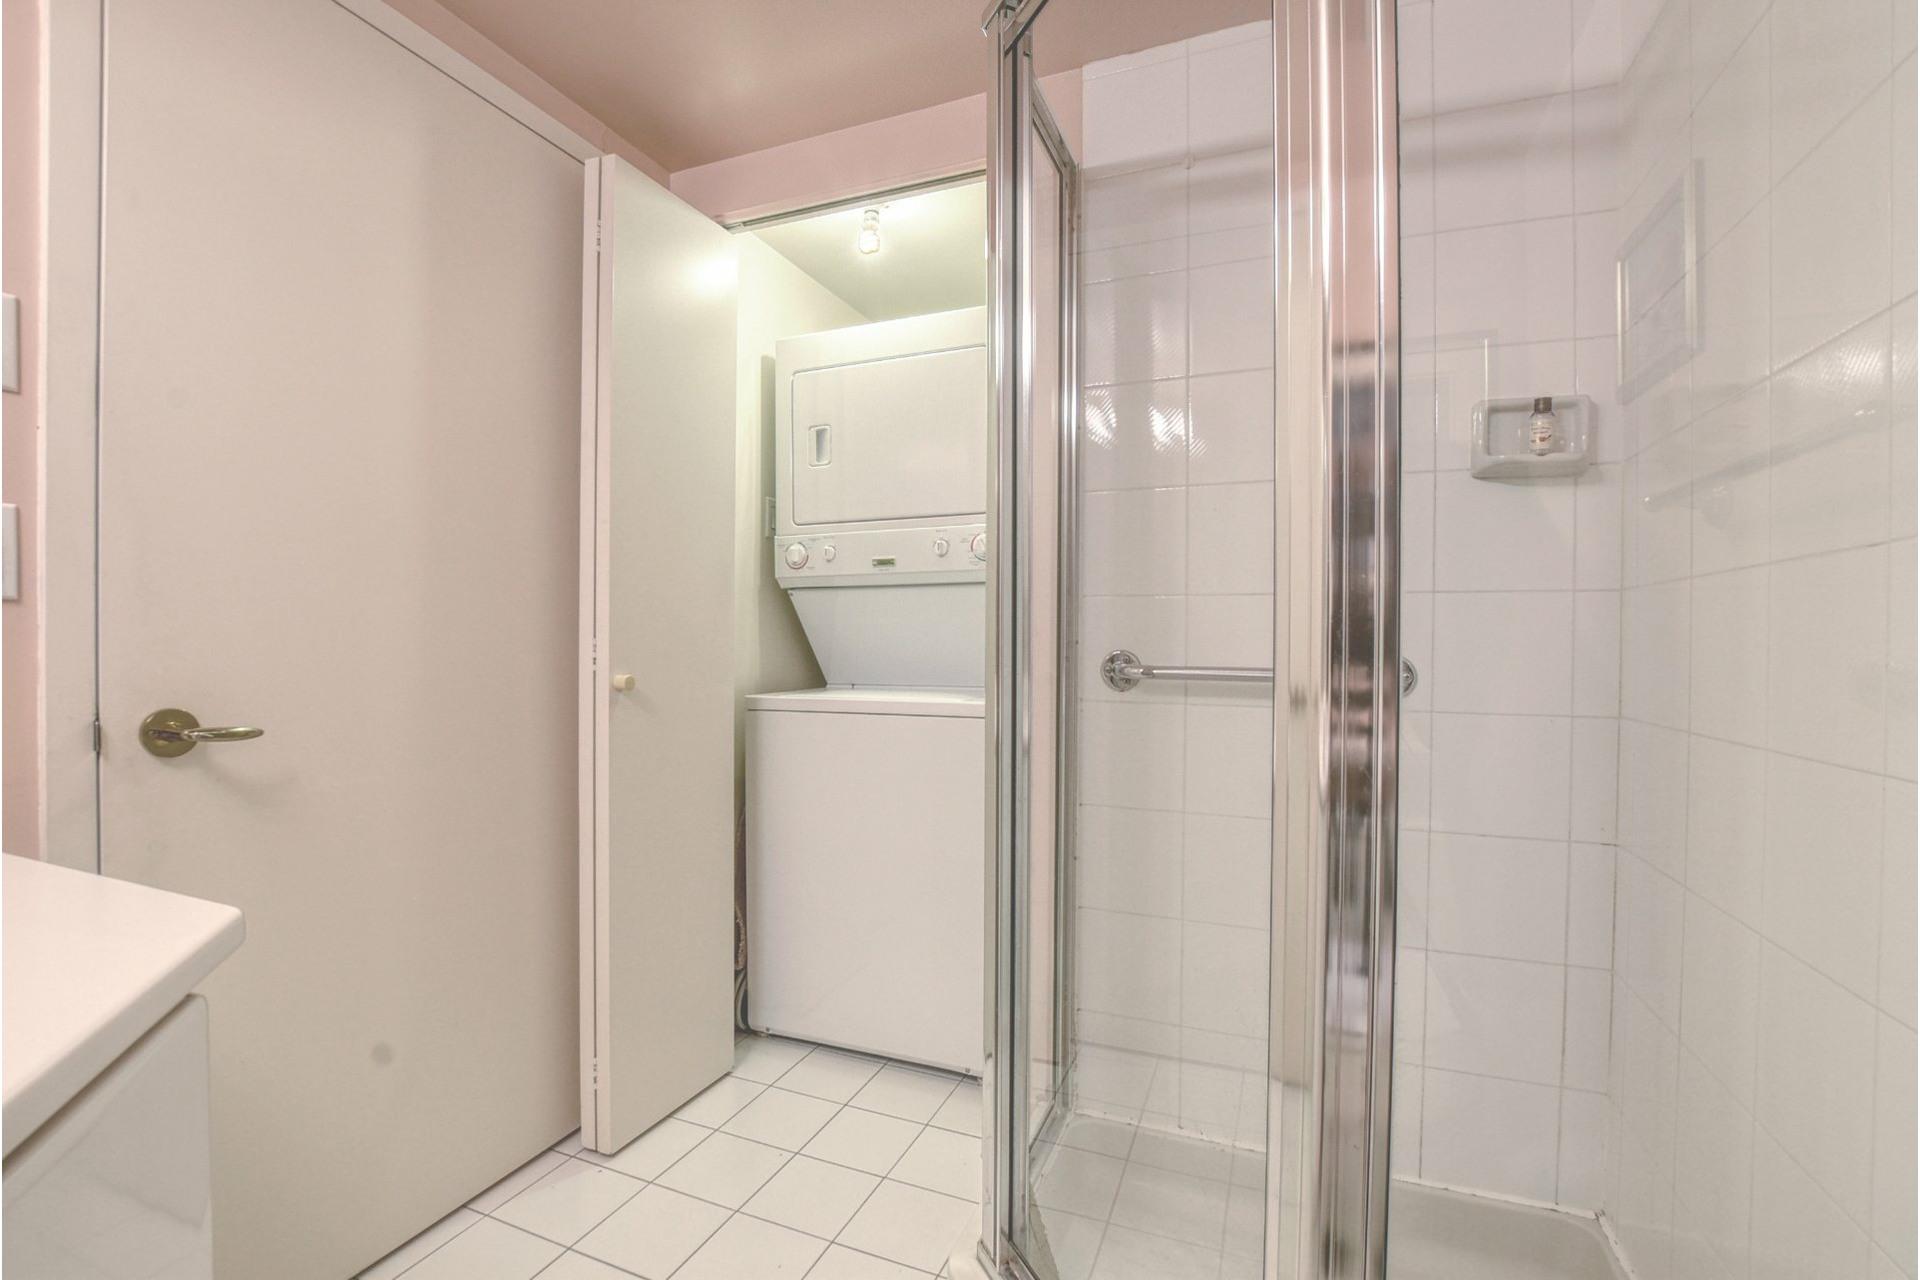 image 16 - Appartement À vendre Montréal-Nord Montréal  - 5 pièces